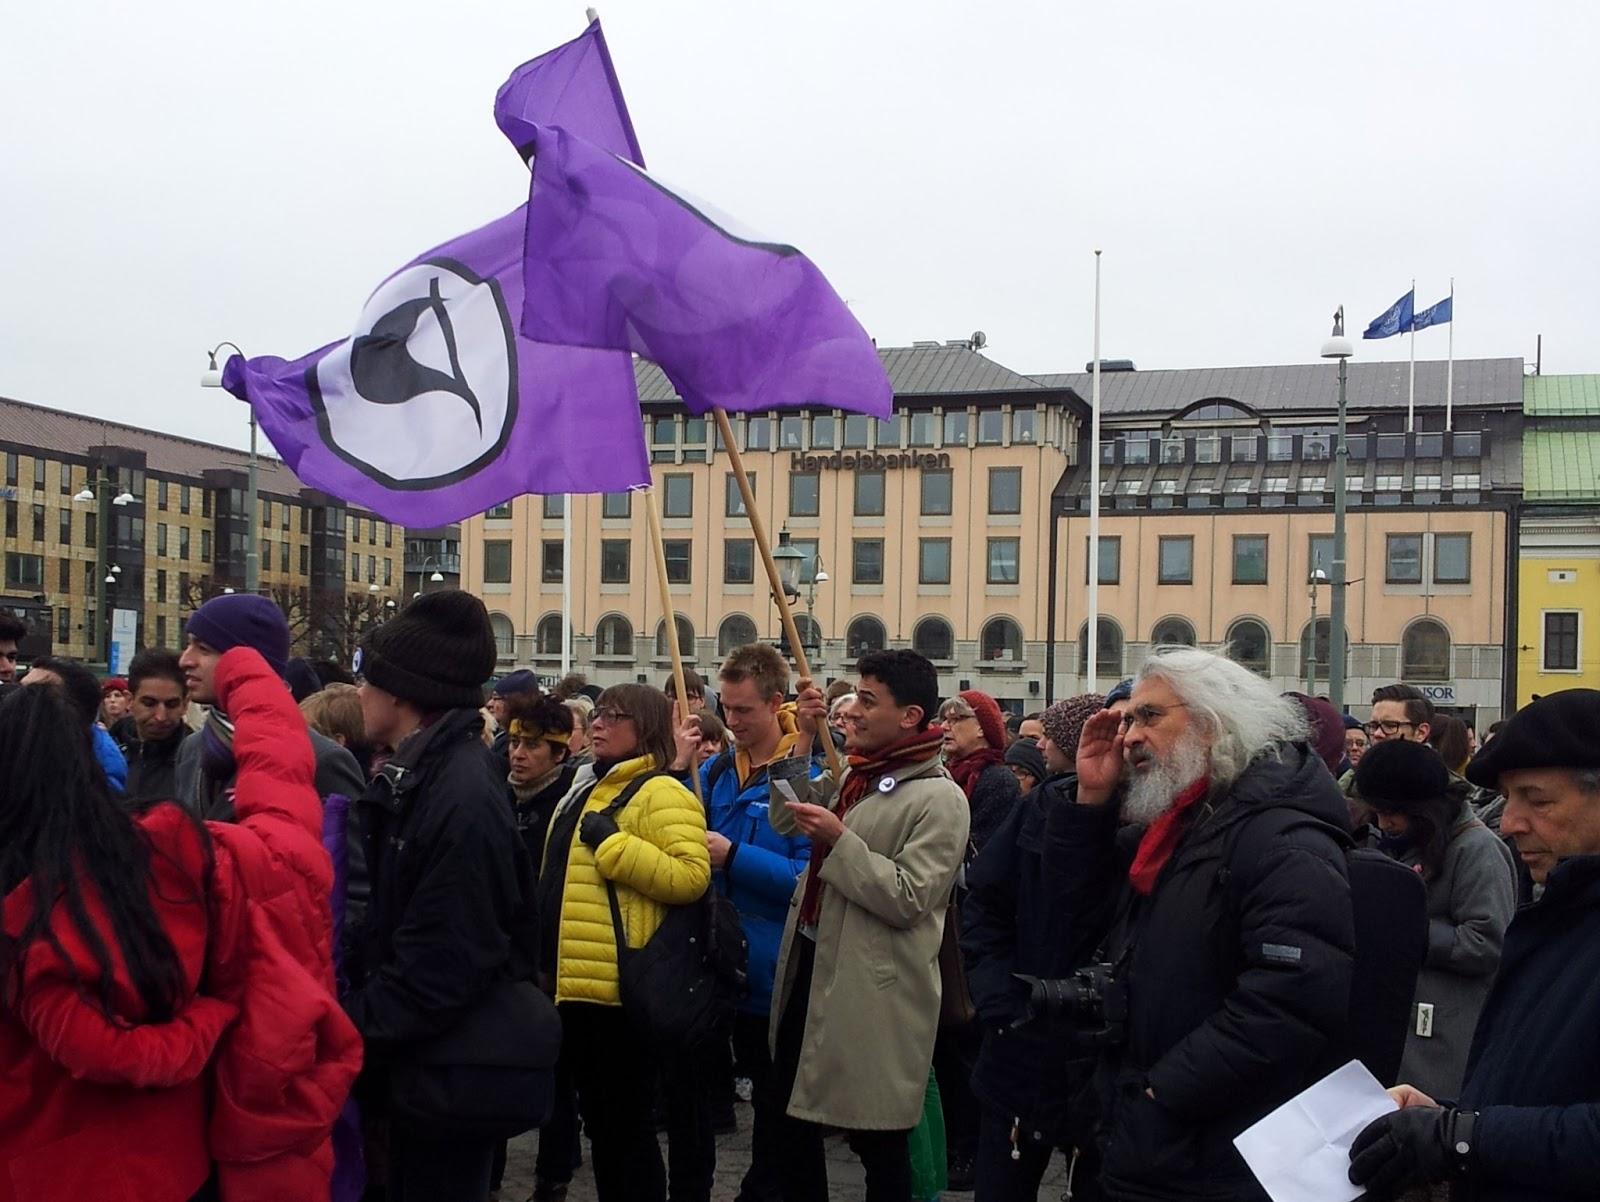 Pirater, humanister, vänstern, högern, socialister, liberaler, unga och gamla samlades i hundratal i Göteborg förra helgen i protest mot REVA. Imorgon gör vi detsamma över hela landet! Foto: Anne Kekki.